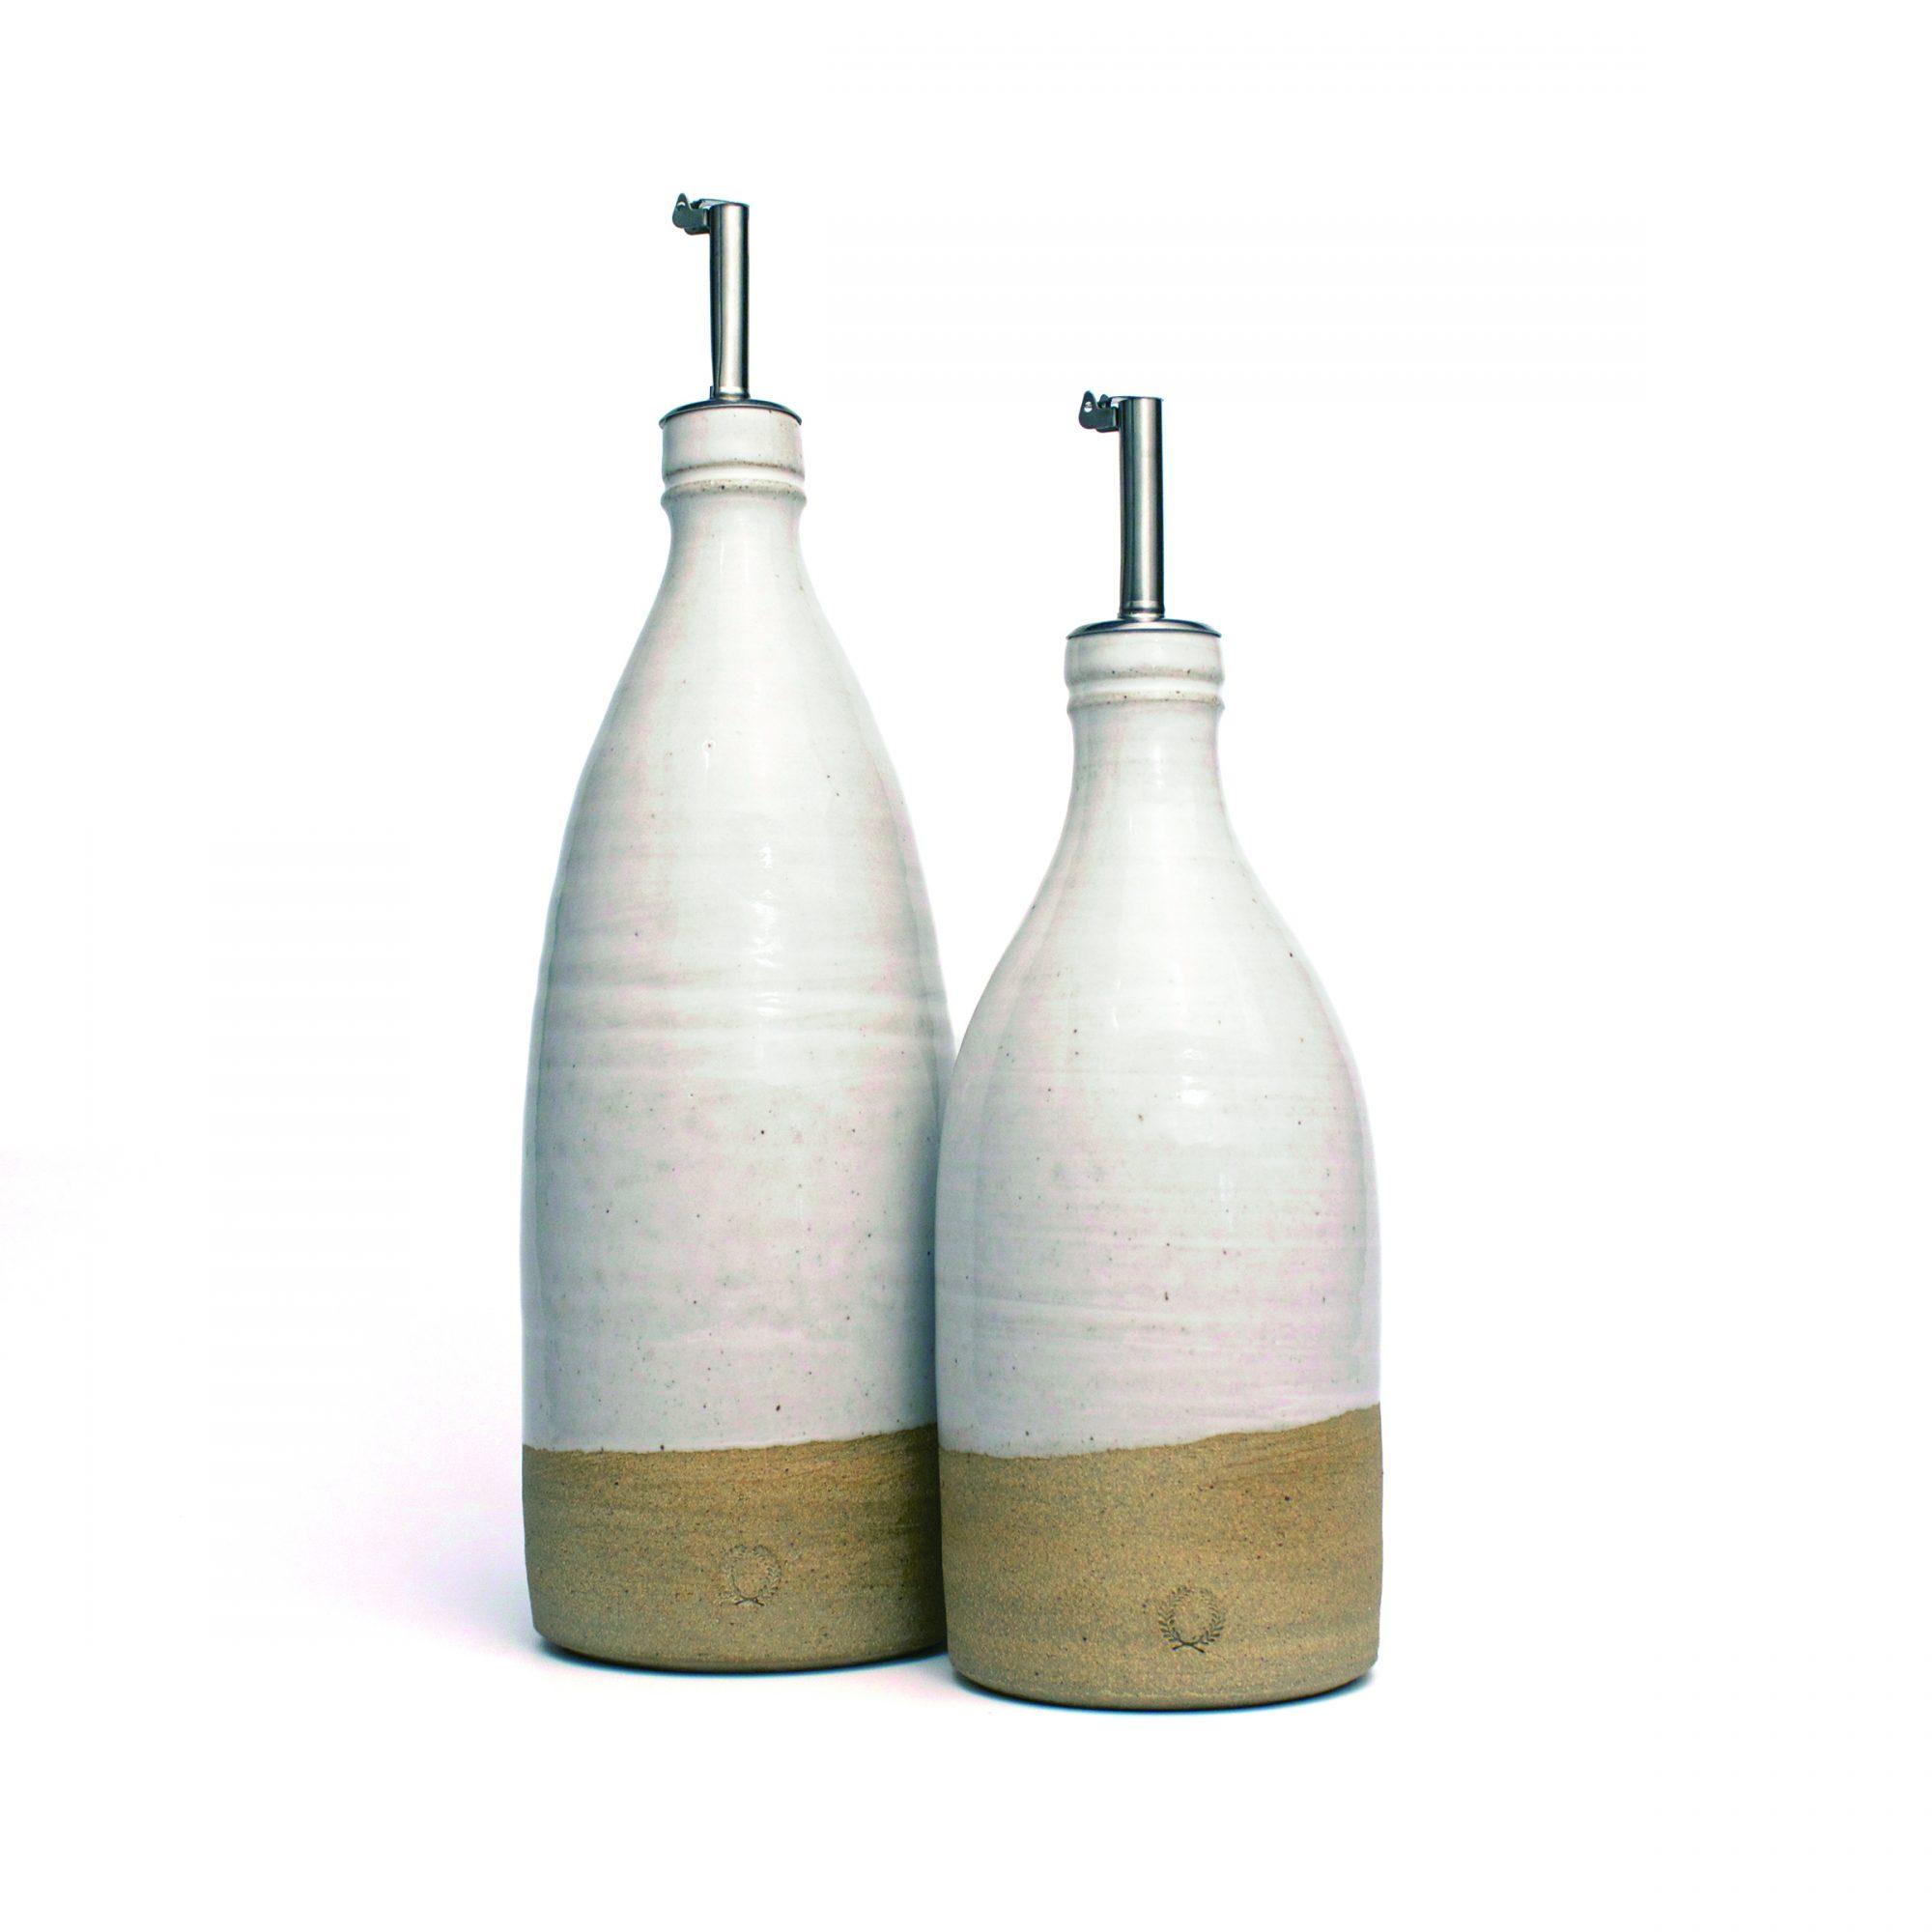 <p>Olive Oil Bottles</p>